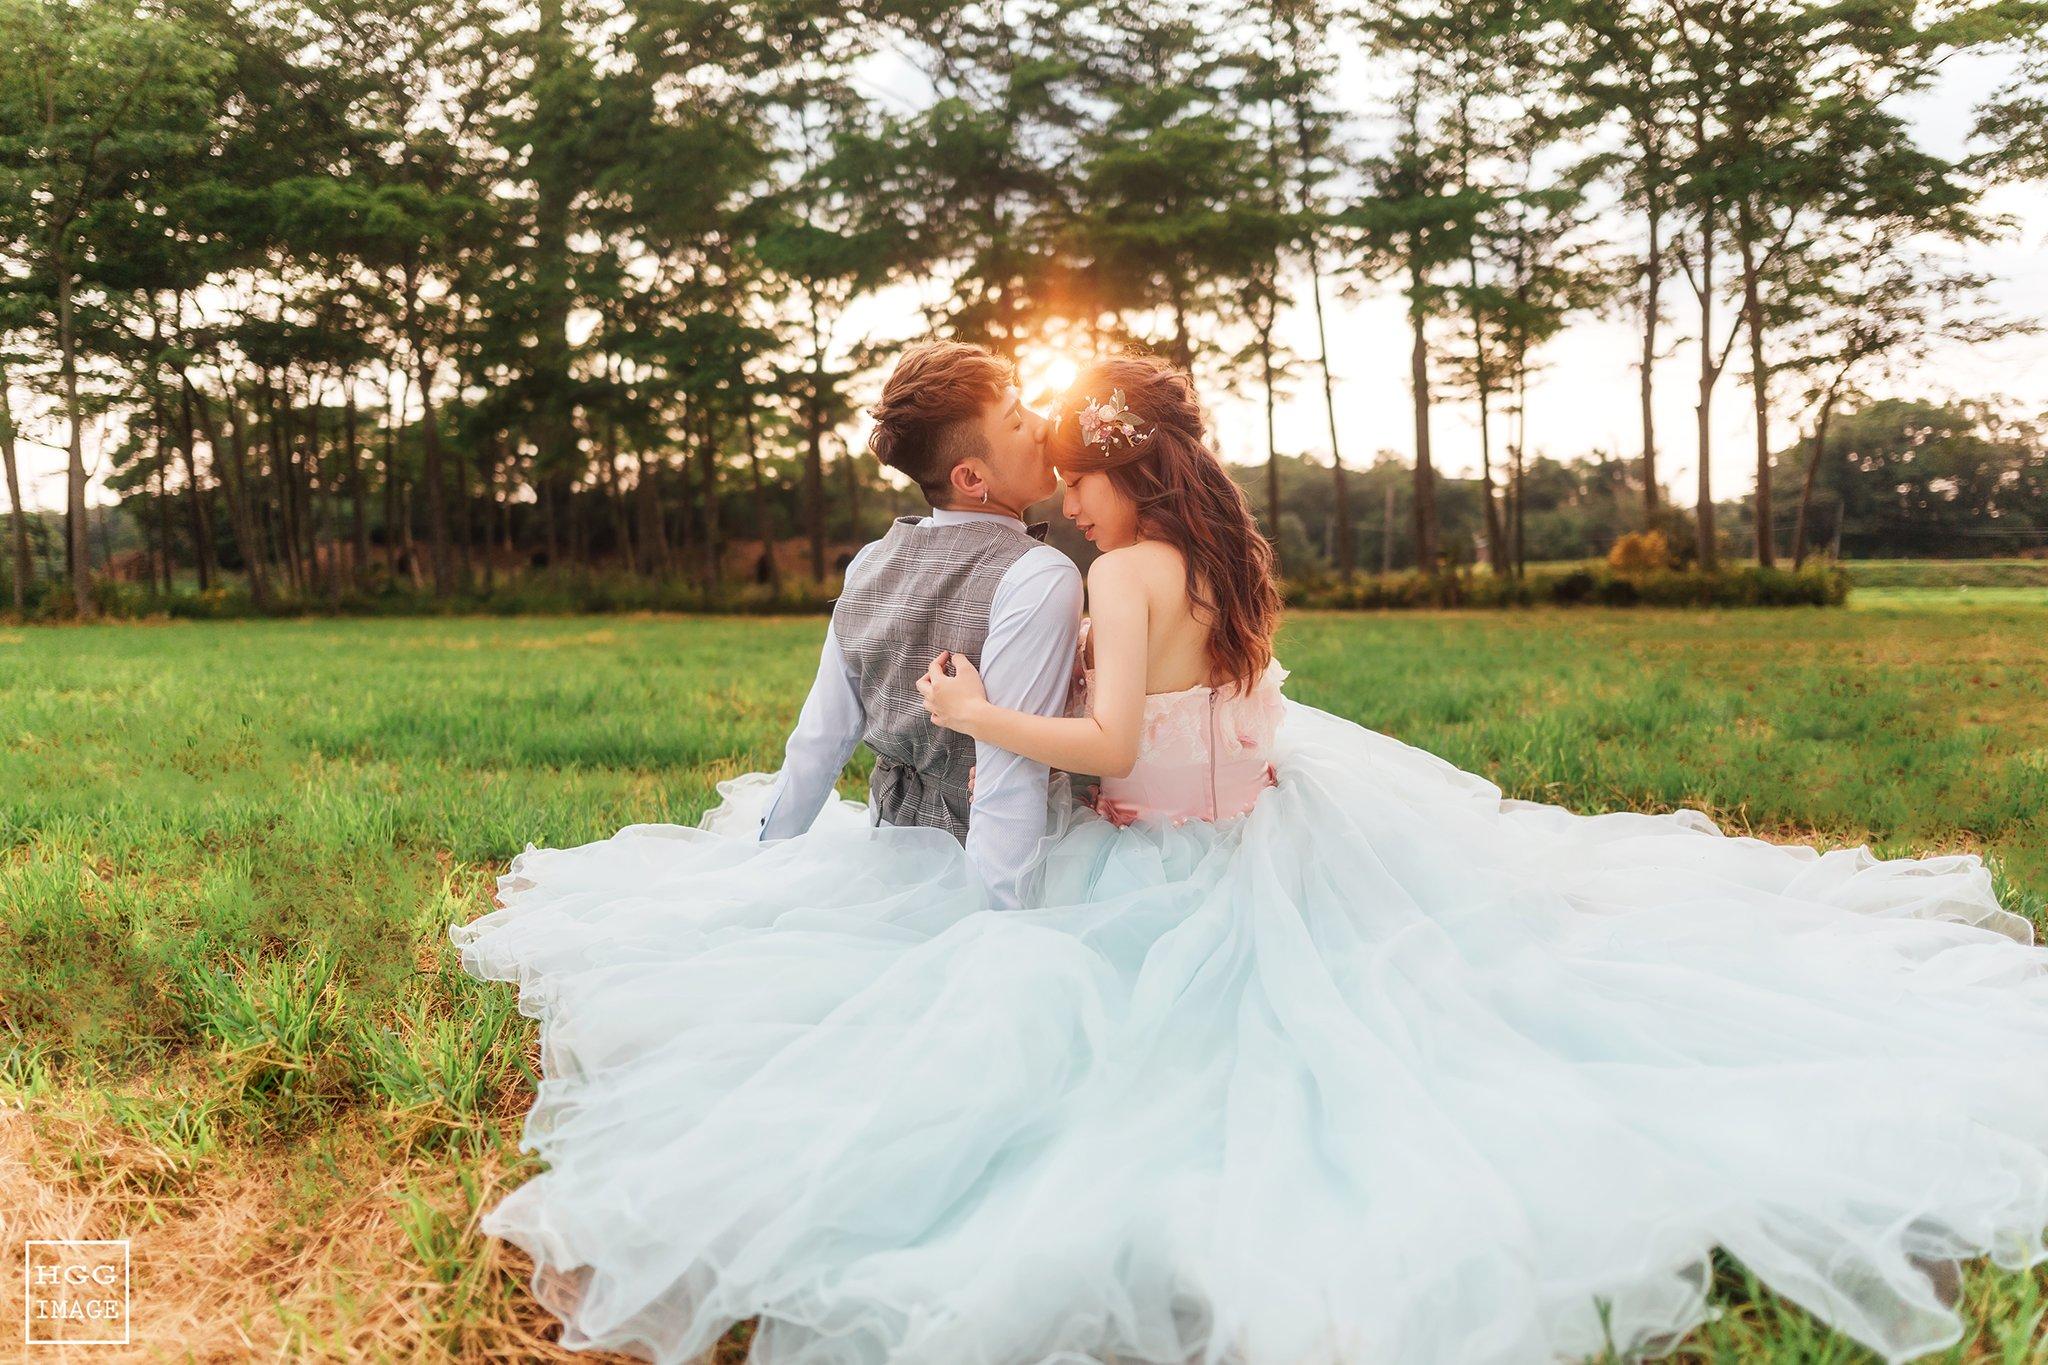 婚紗包套,自助婚紗